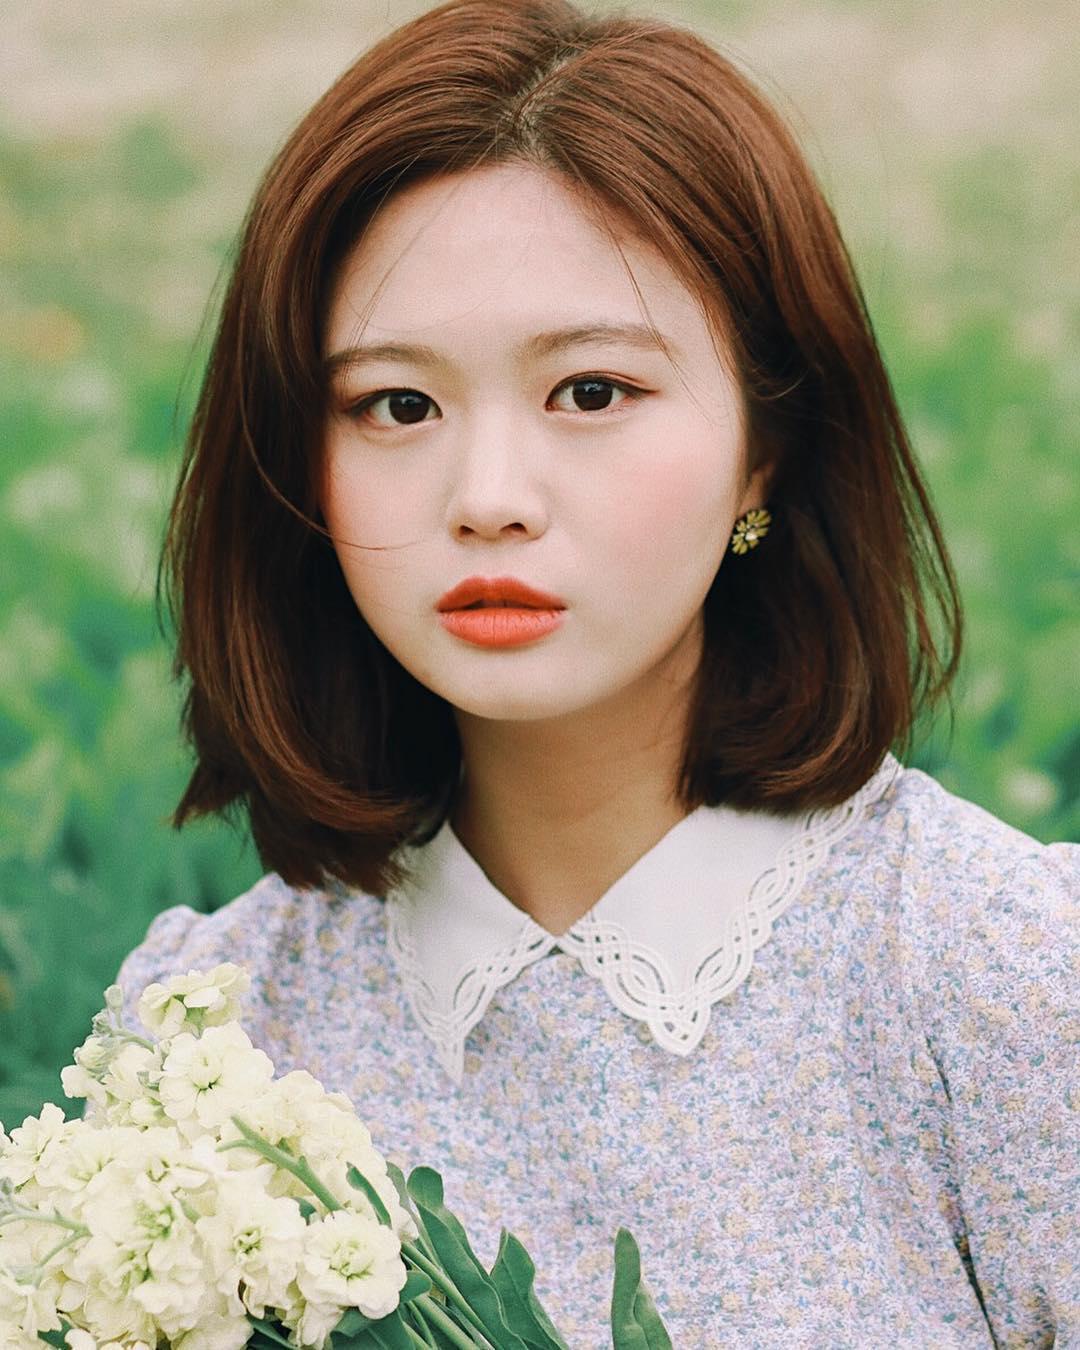 Hình ảnh tóc ngắn nữ đẹp